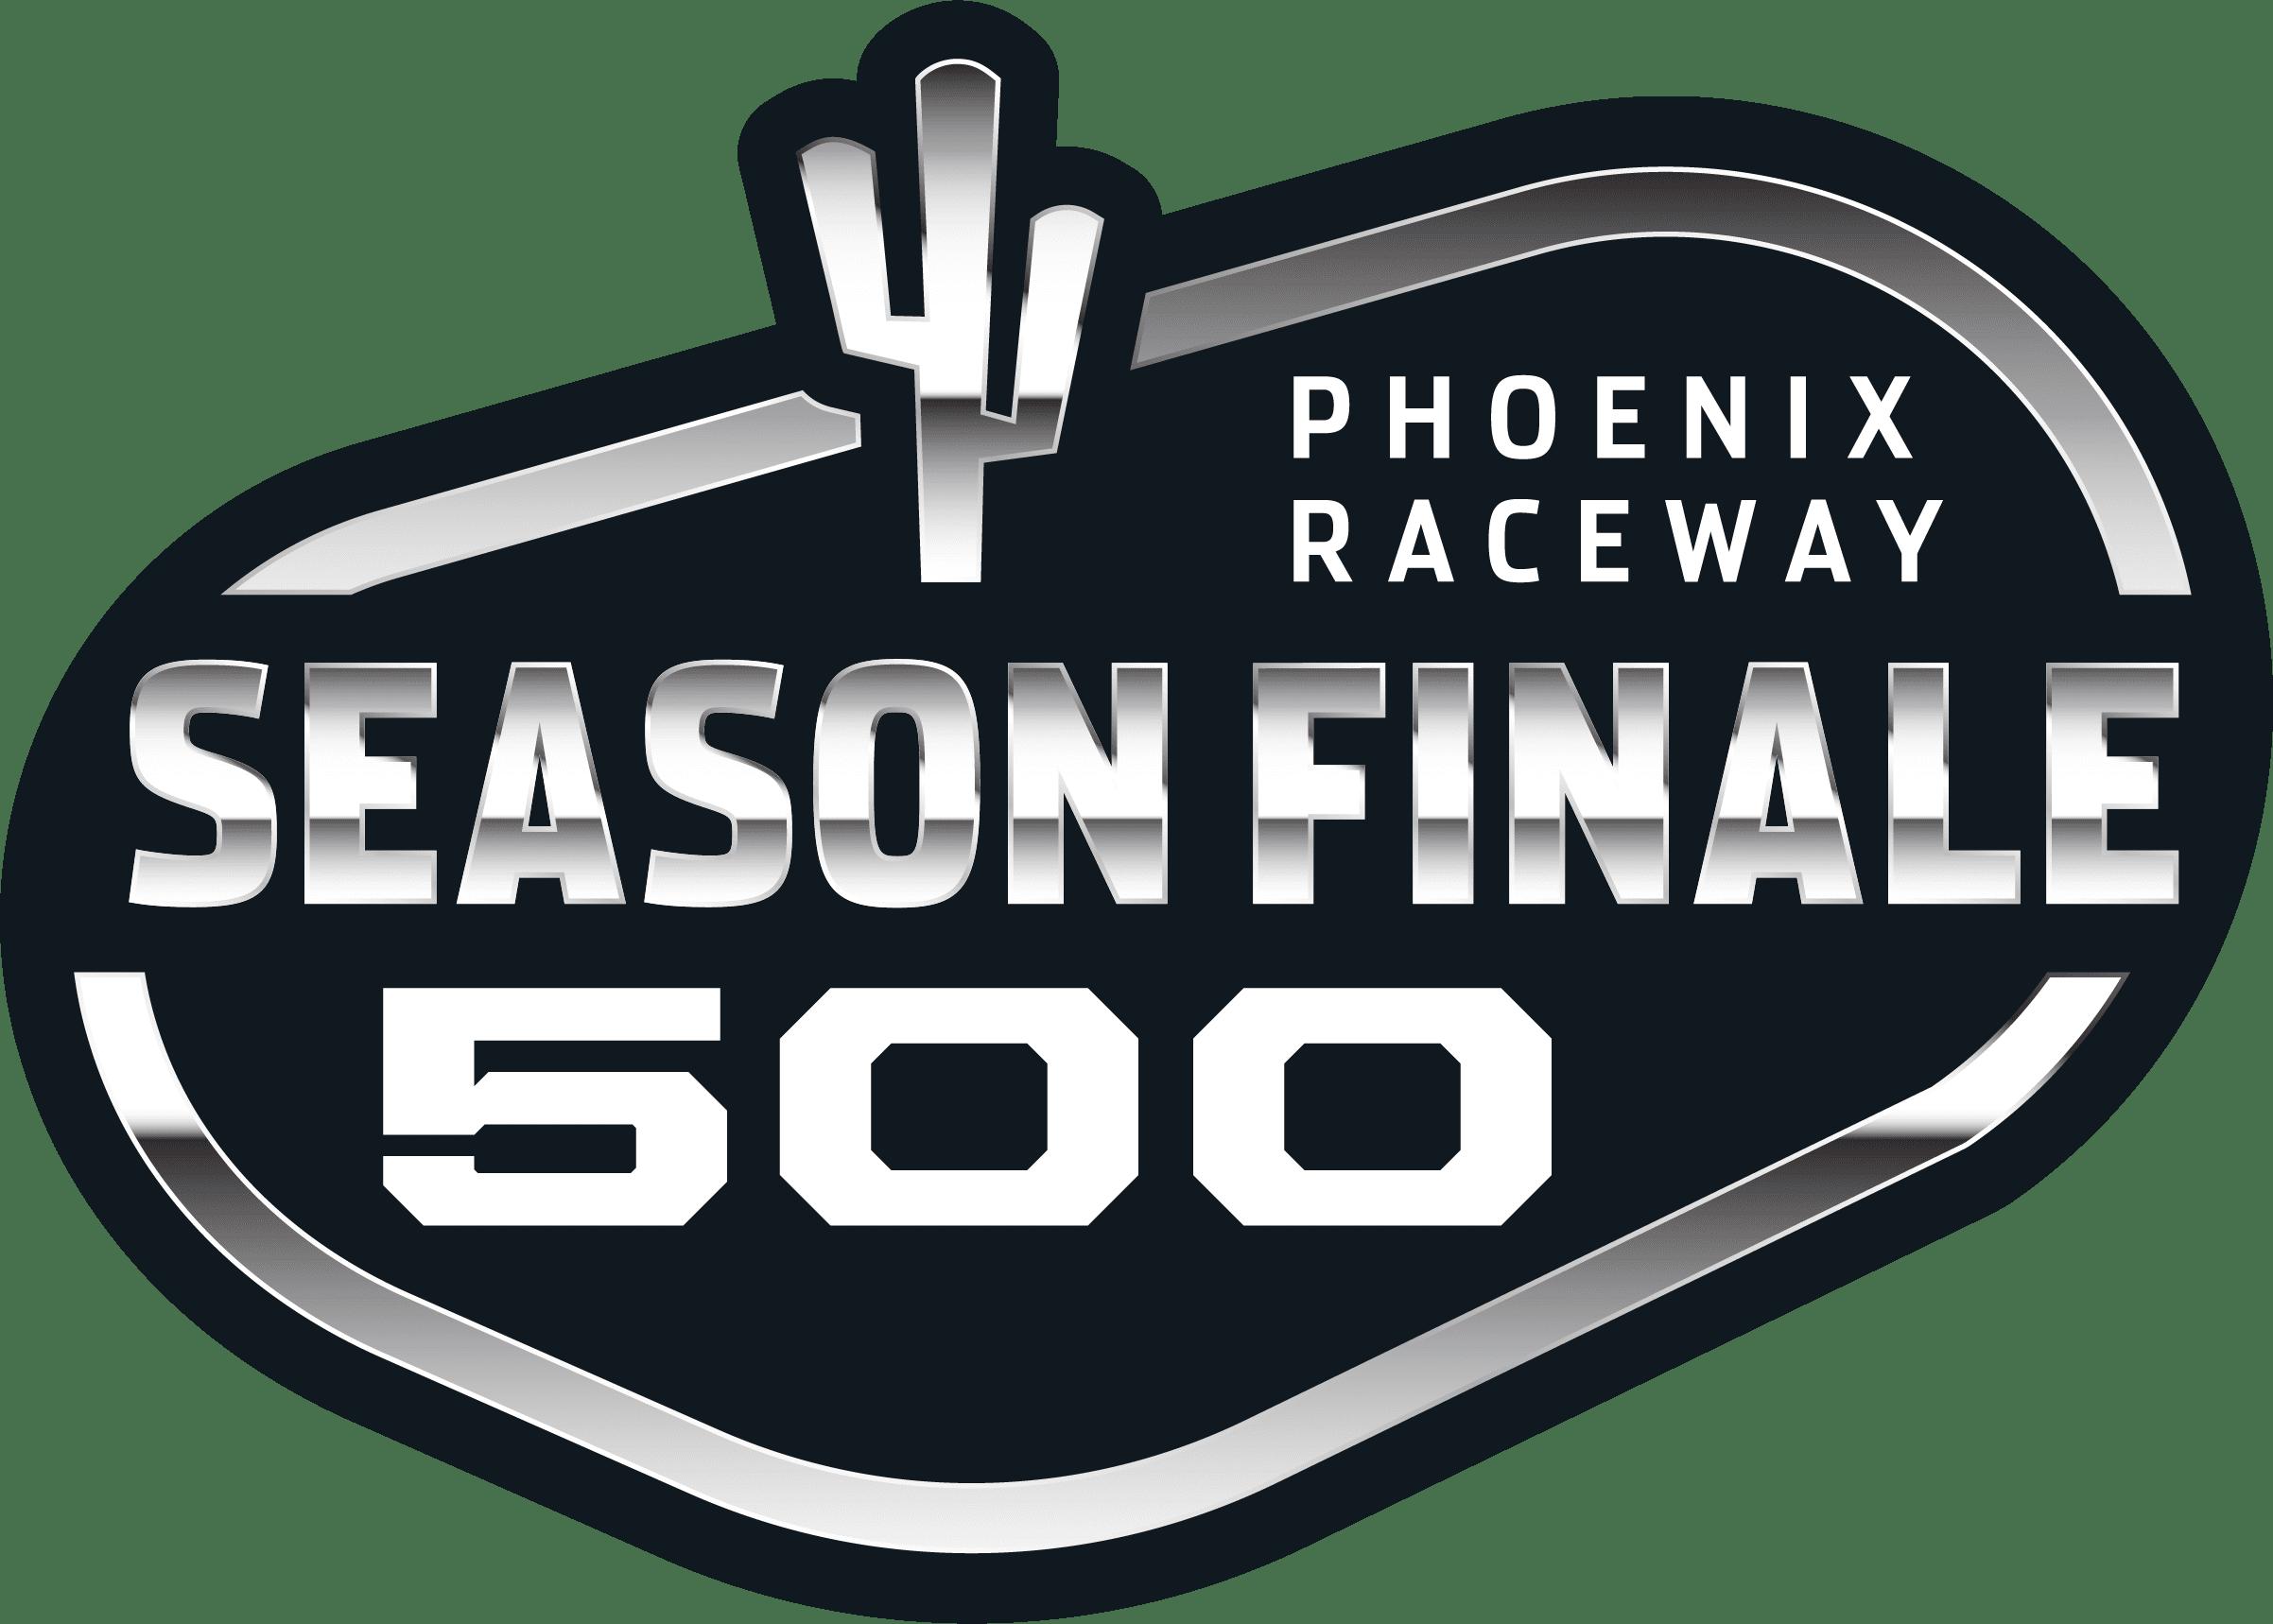 Season Finale 500